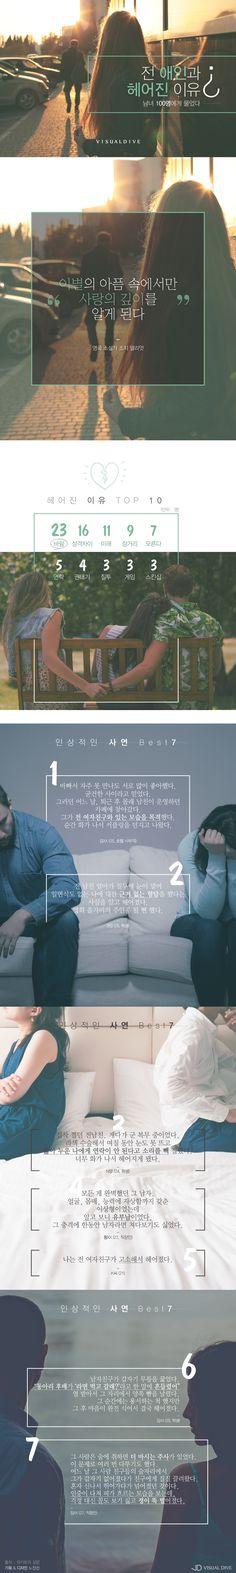 """""""너 왜 헤어졌어?"""" 말할 수 없는 비밀 '이별의 이유' [인포그래픽] #lovebye / #Infographic ⓒ 비주얼다이브 무단 복사·전재·재배포 금지"""